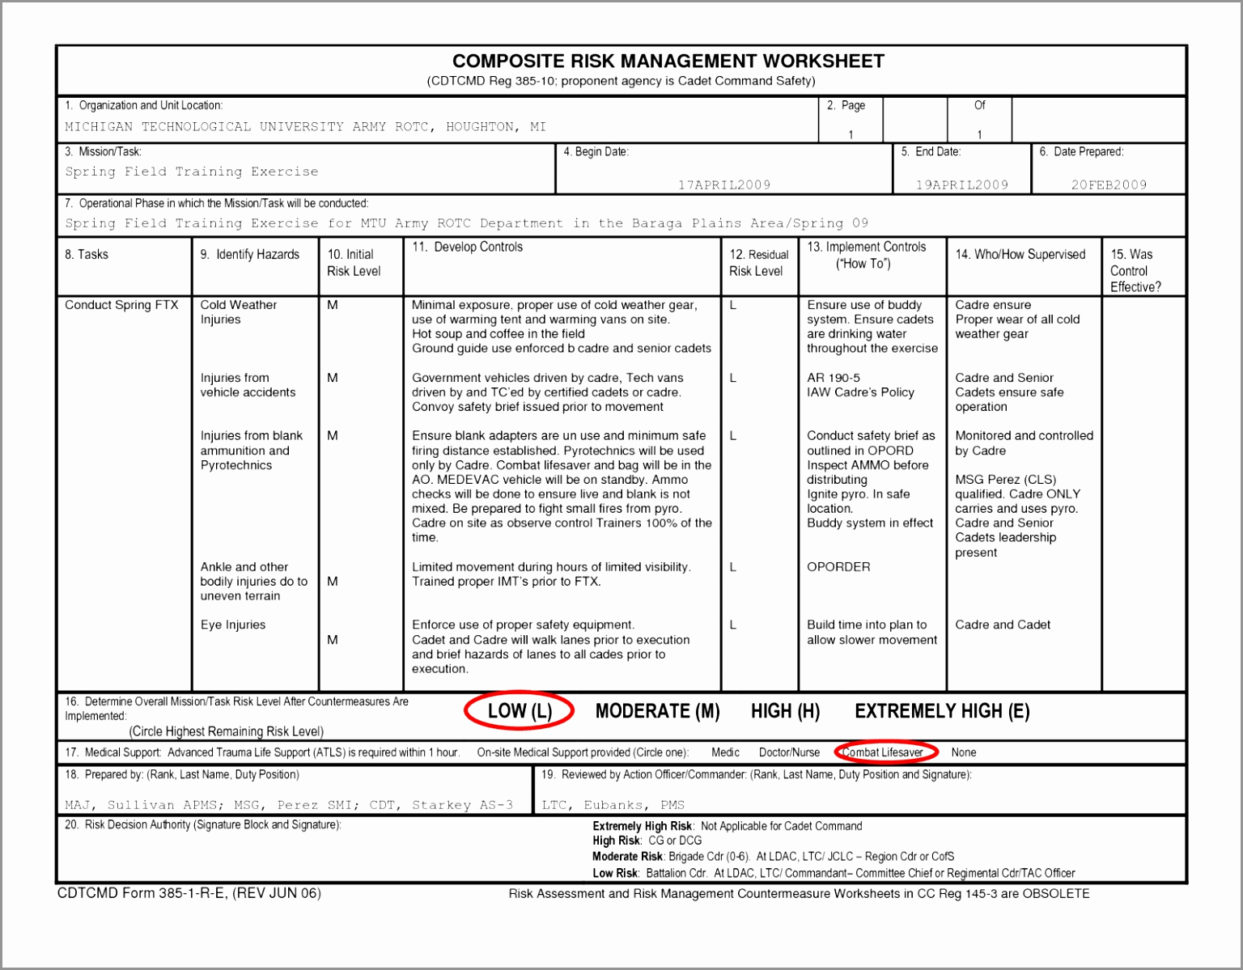 Risk Assessment Spreadsheet Spreadsheet Downloa Risk